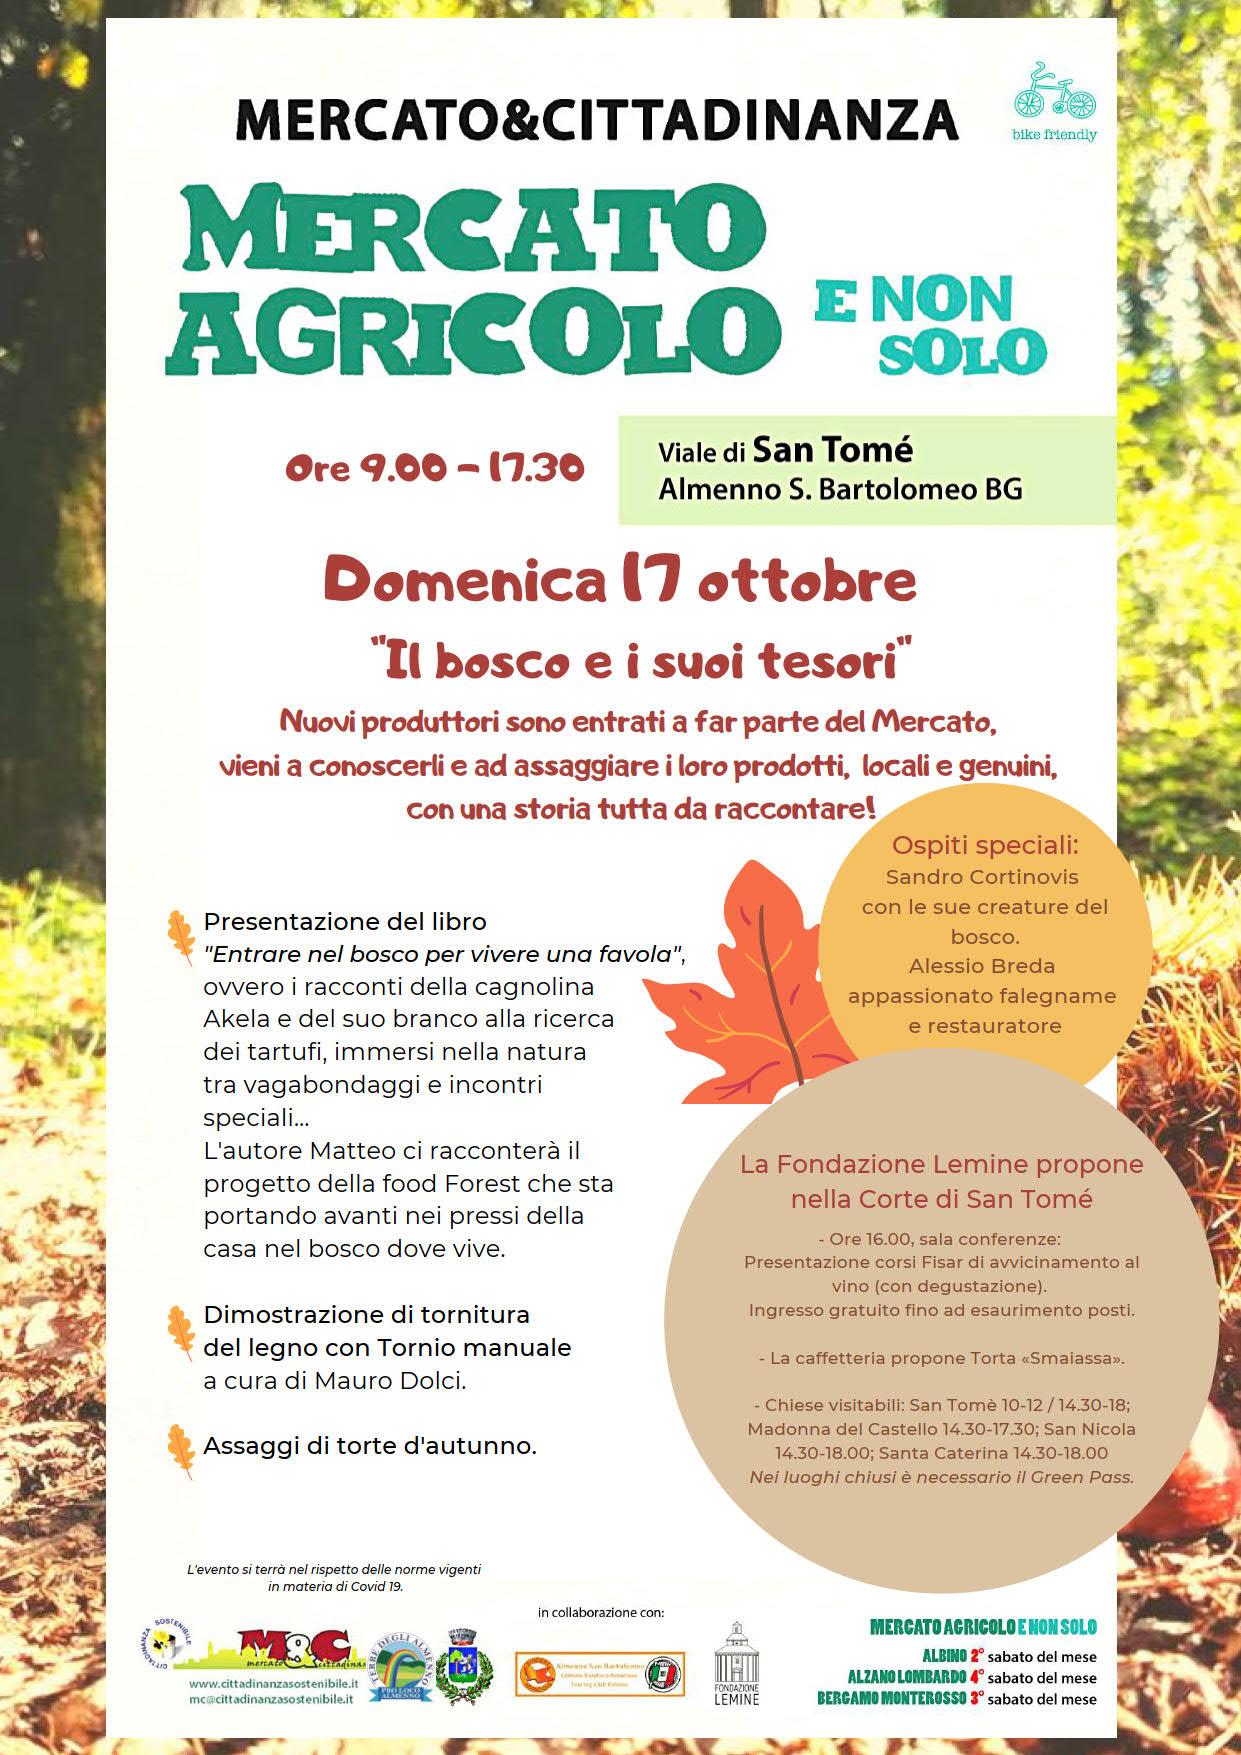 17 ottobre 2021 - Mercato Agricolo E Non Solo a San Tomè di Almenno San Bartolomeo